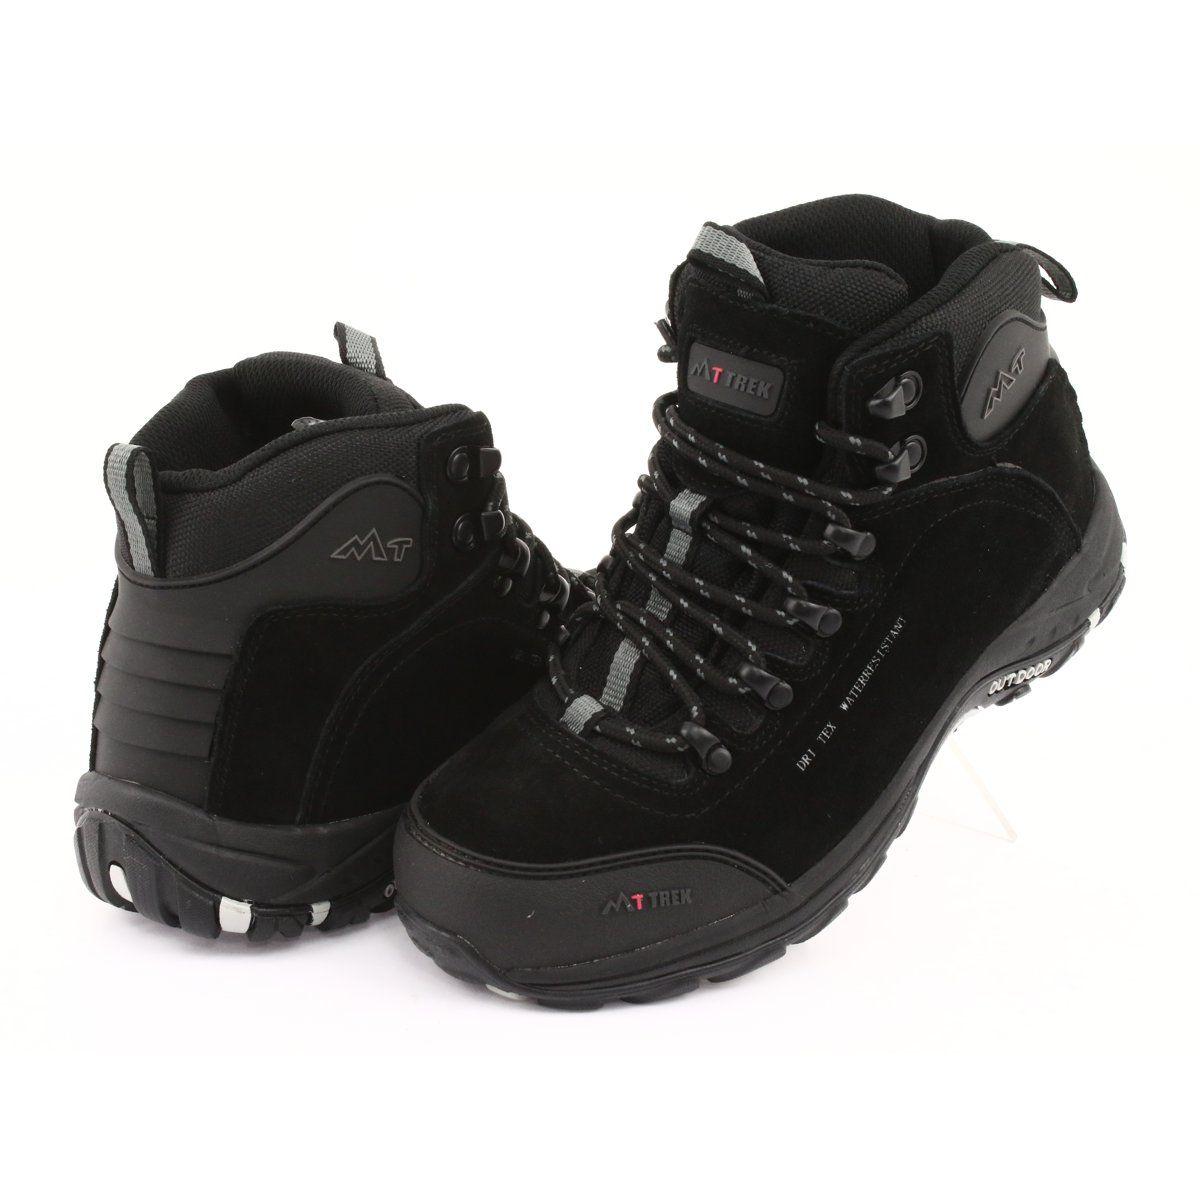 Trapery Z Membrana Mttrek 031 Czarne Women Shoes Boots Suede Leather